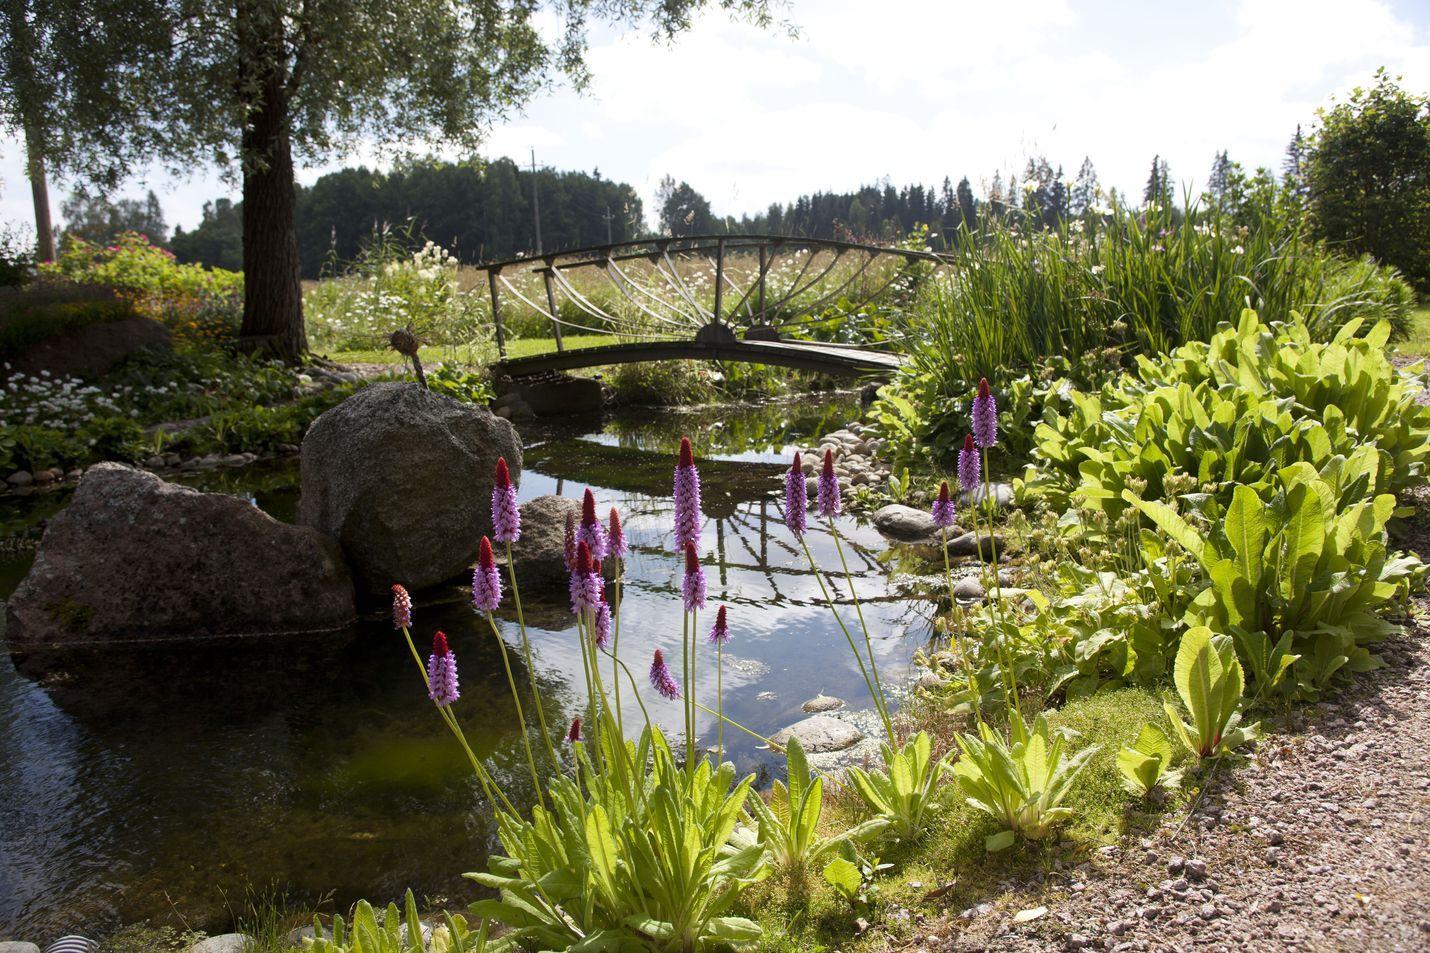 Avoimet puutarhat -tapahtuma järjestetään jo neljättä kertaa. Kuva: Puutarhaliitto